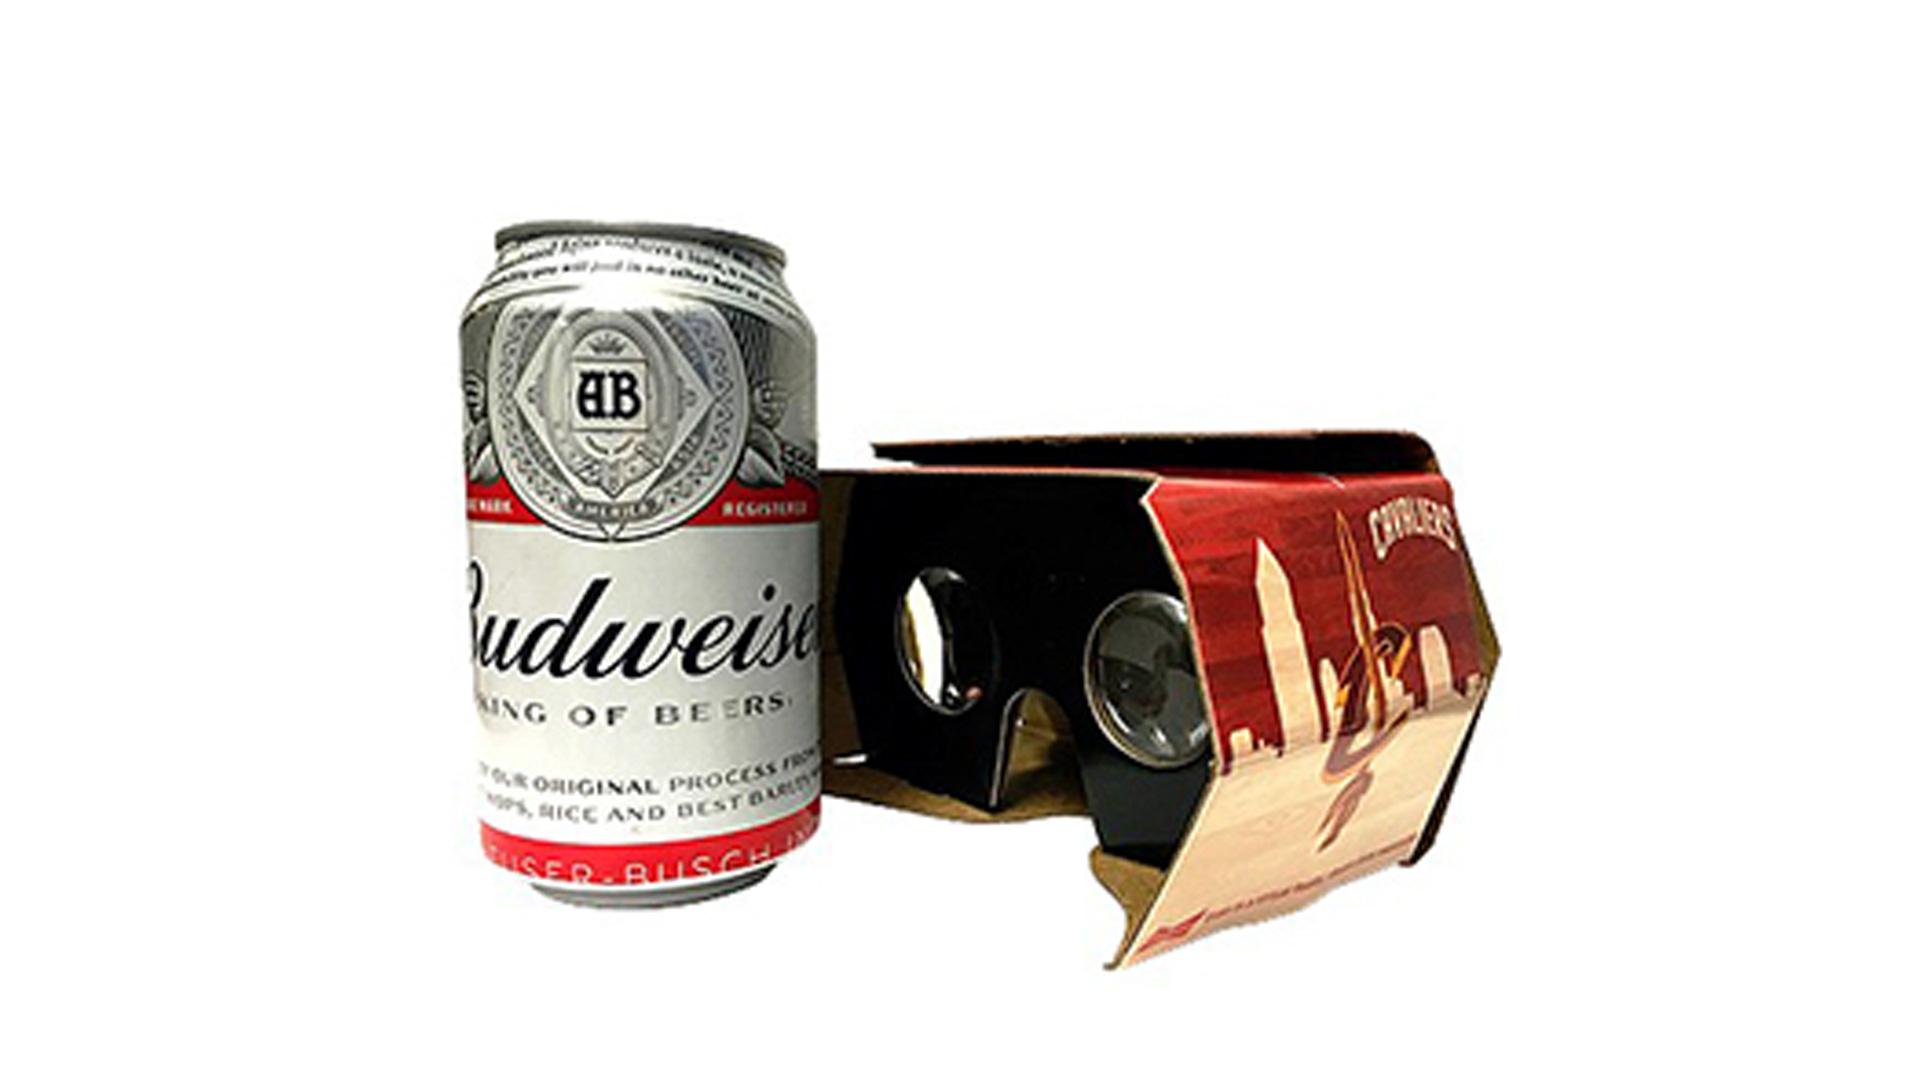 Budweiser-050316-ftrjpg_zvz39zi0k2xn1t5c7e0dhnouo